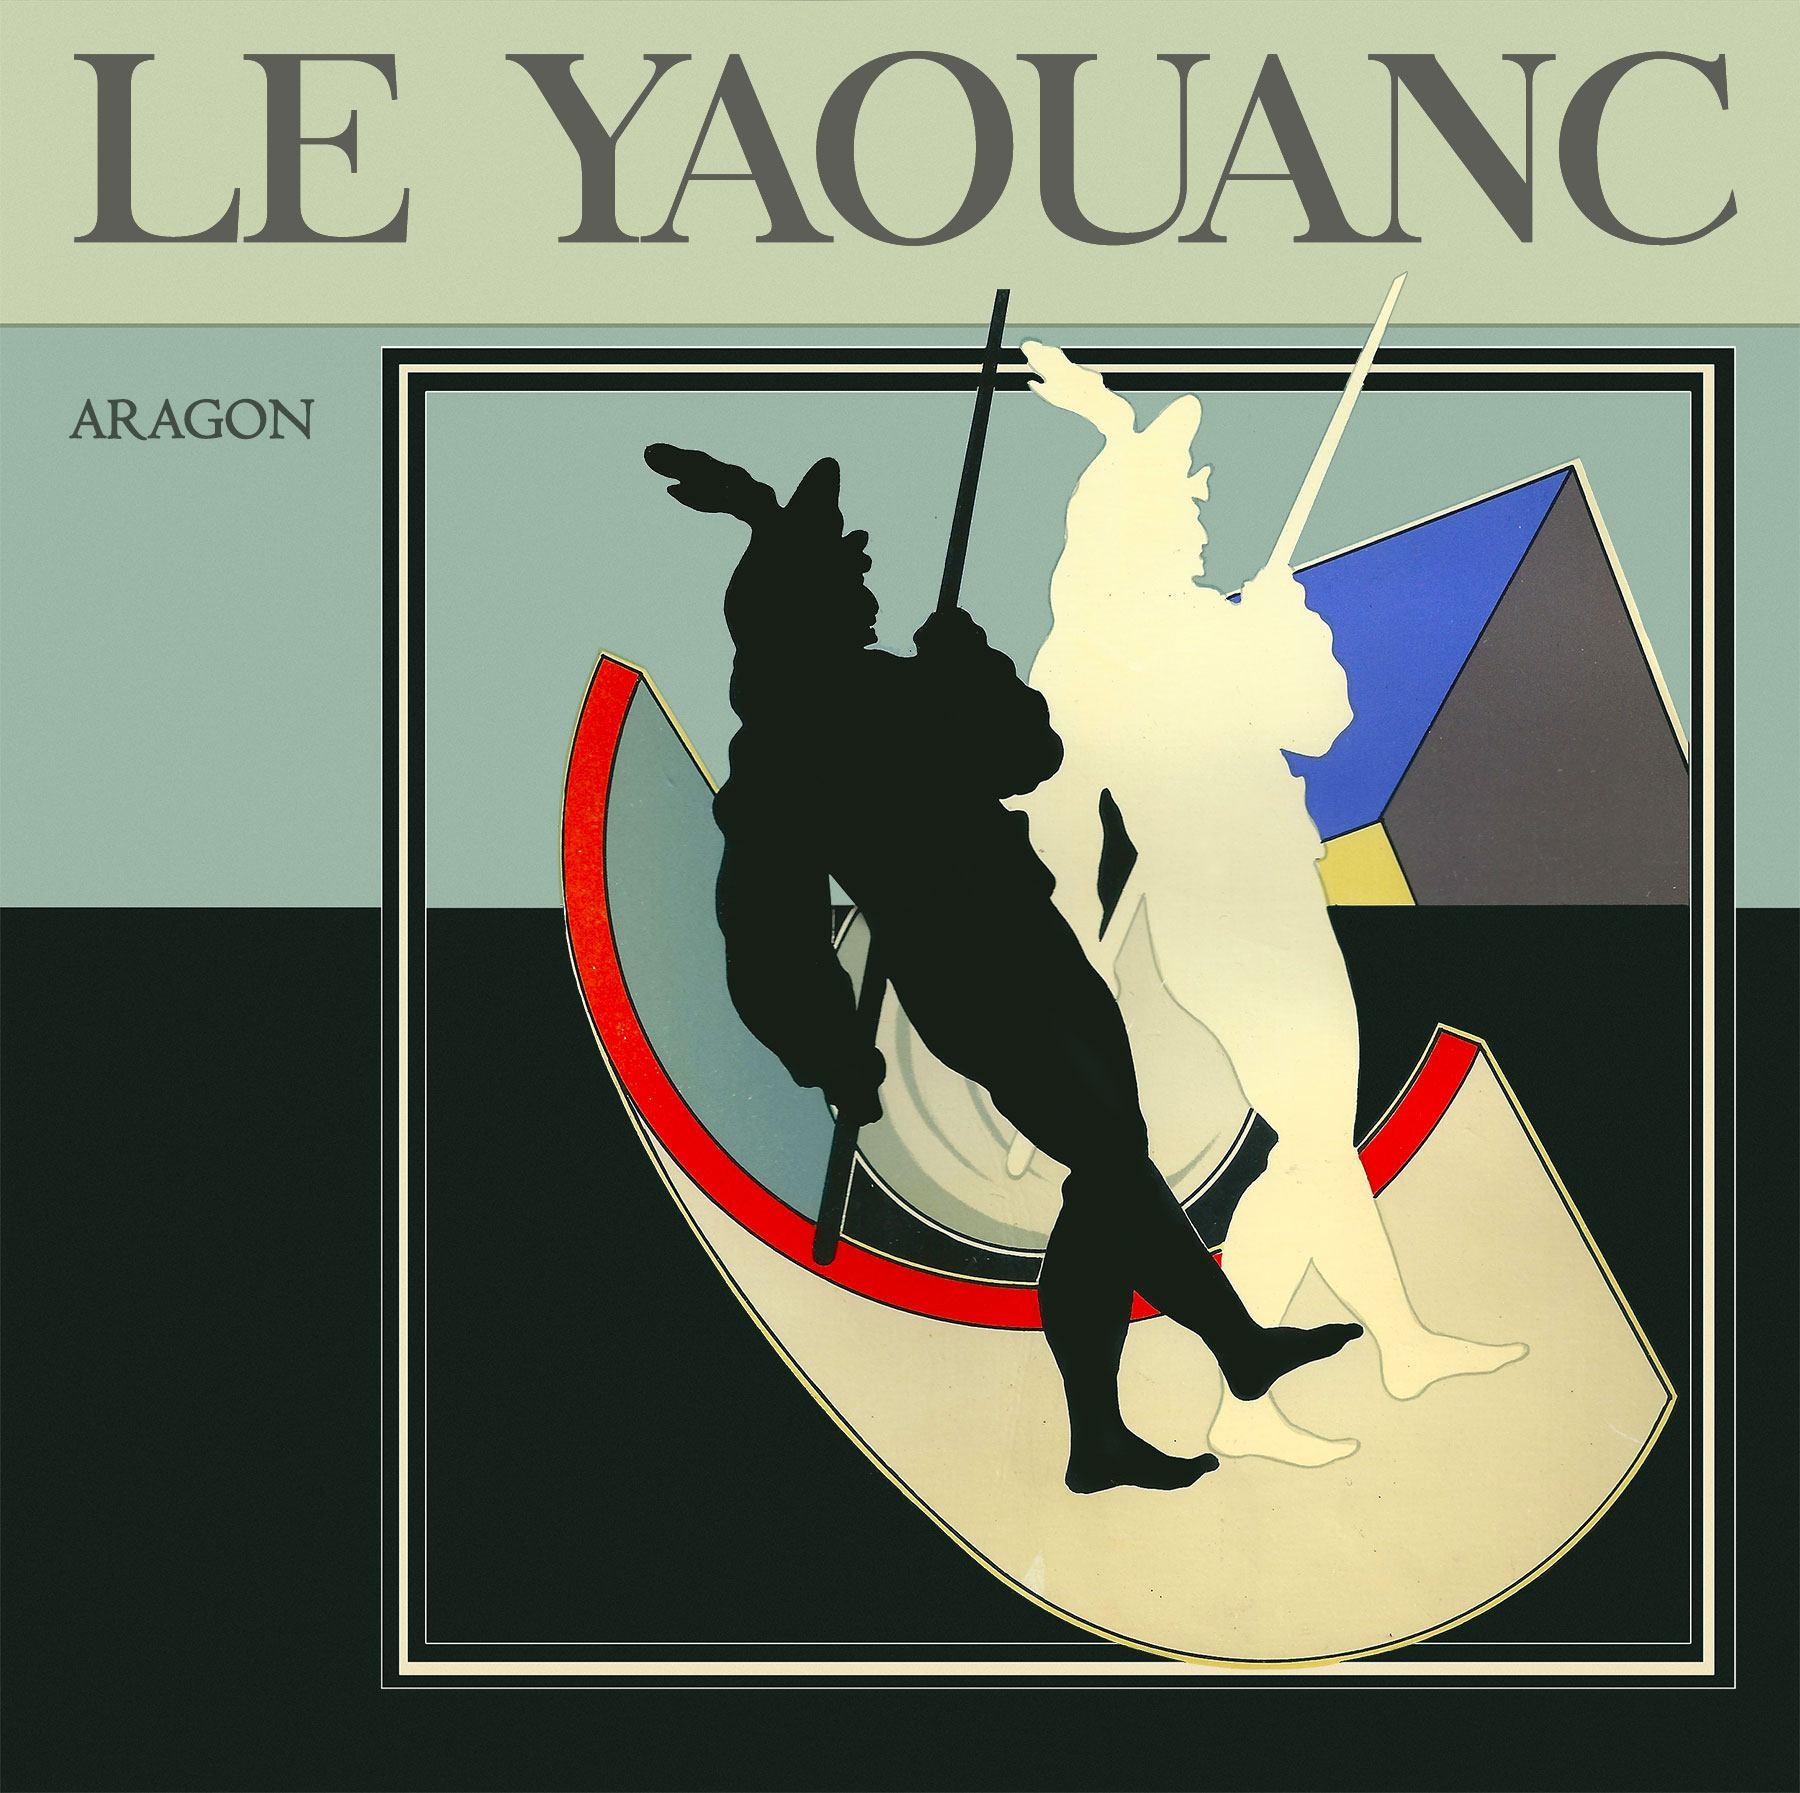 Le Yaouanc Aragon, co-édition Carmen Martinez et La Pierre d'Angle, Paris 1979. © Fondation Le Yaouanc